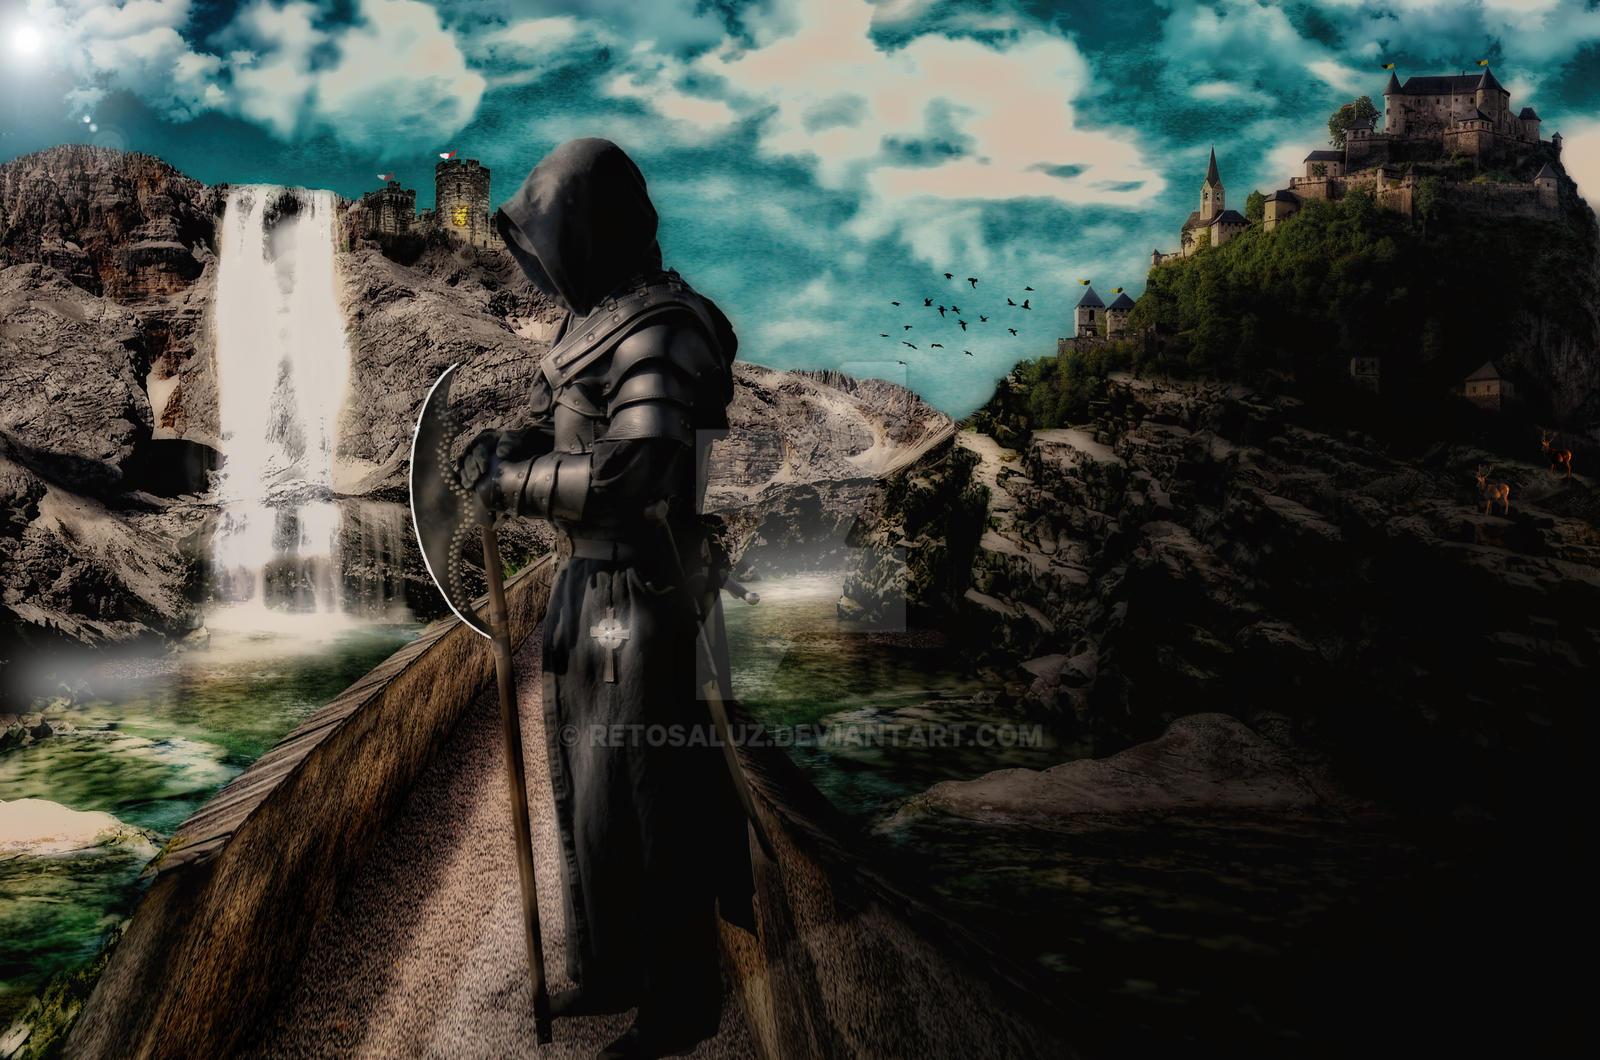 Nilly's Kingdom - Reto Saluz